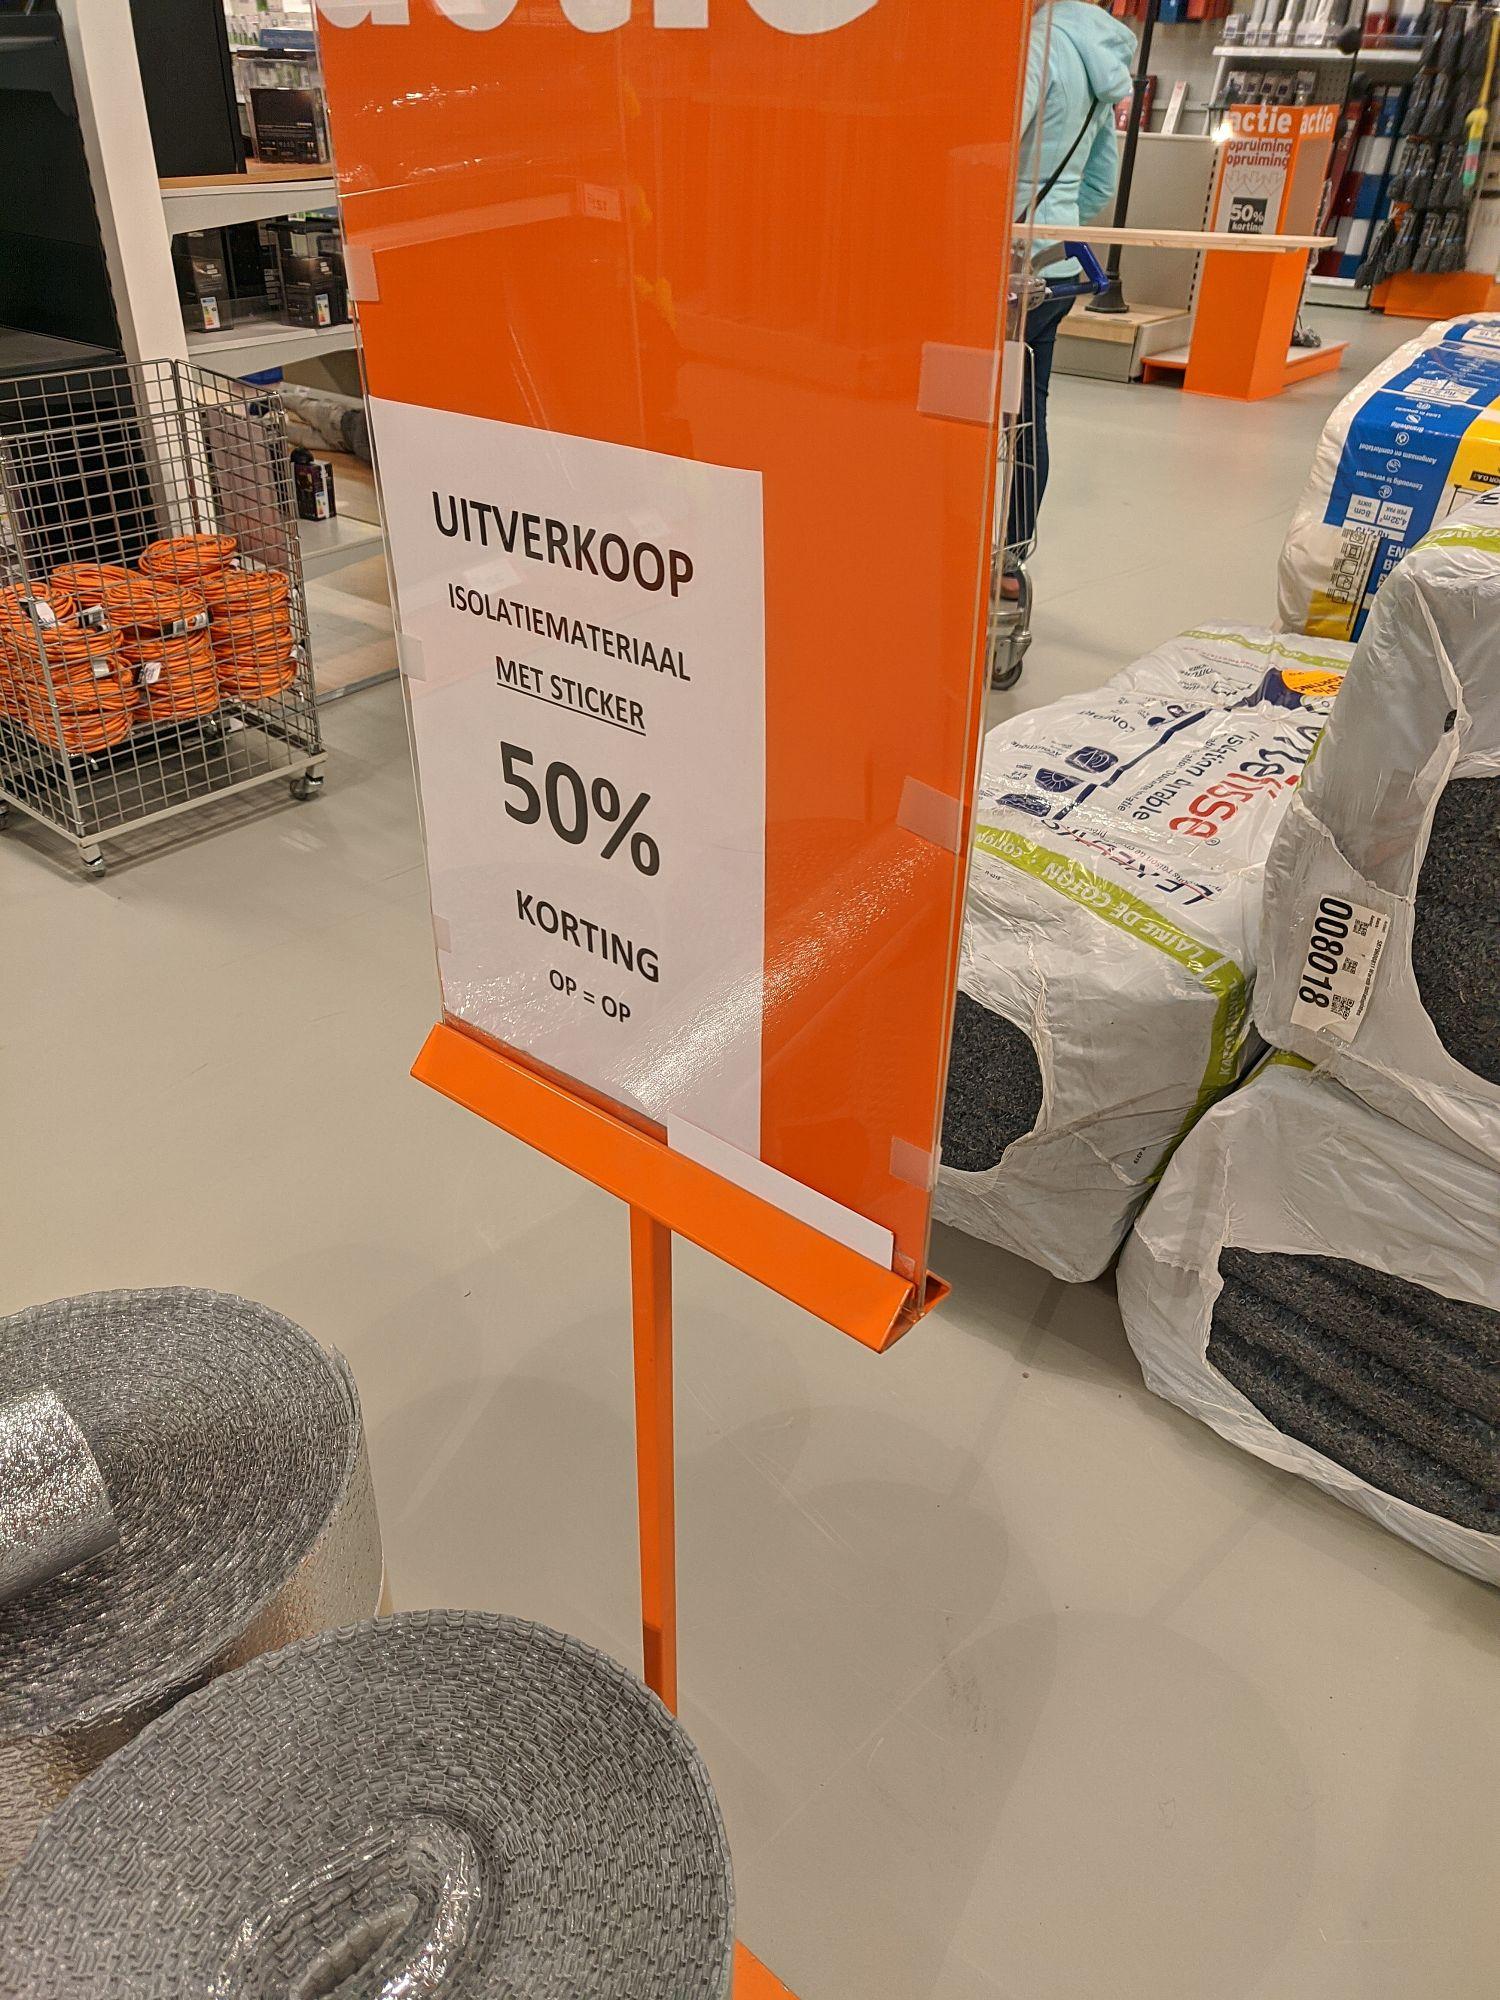 [lokaal] 50% korting op veel isolatie bij gamma in de winkel